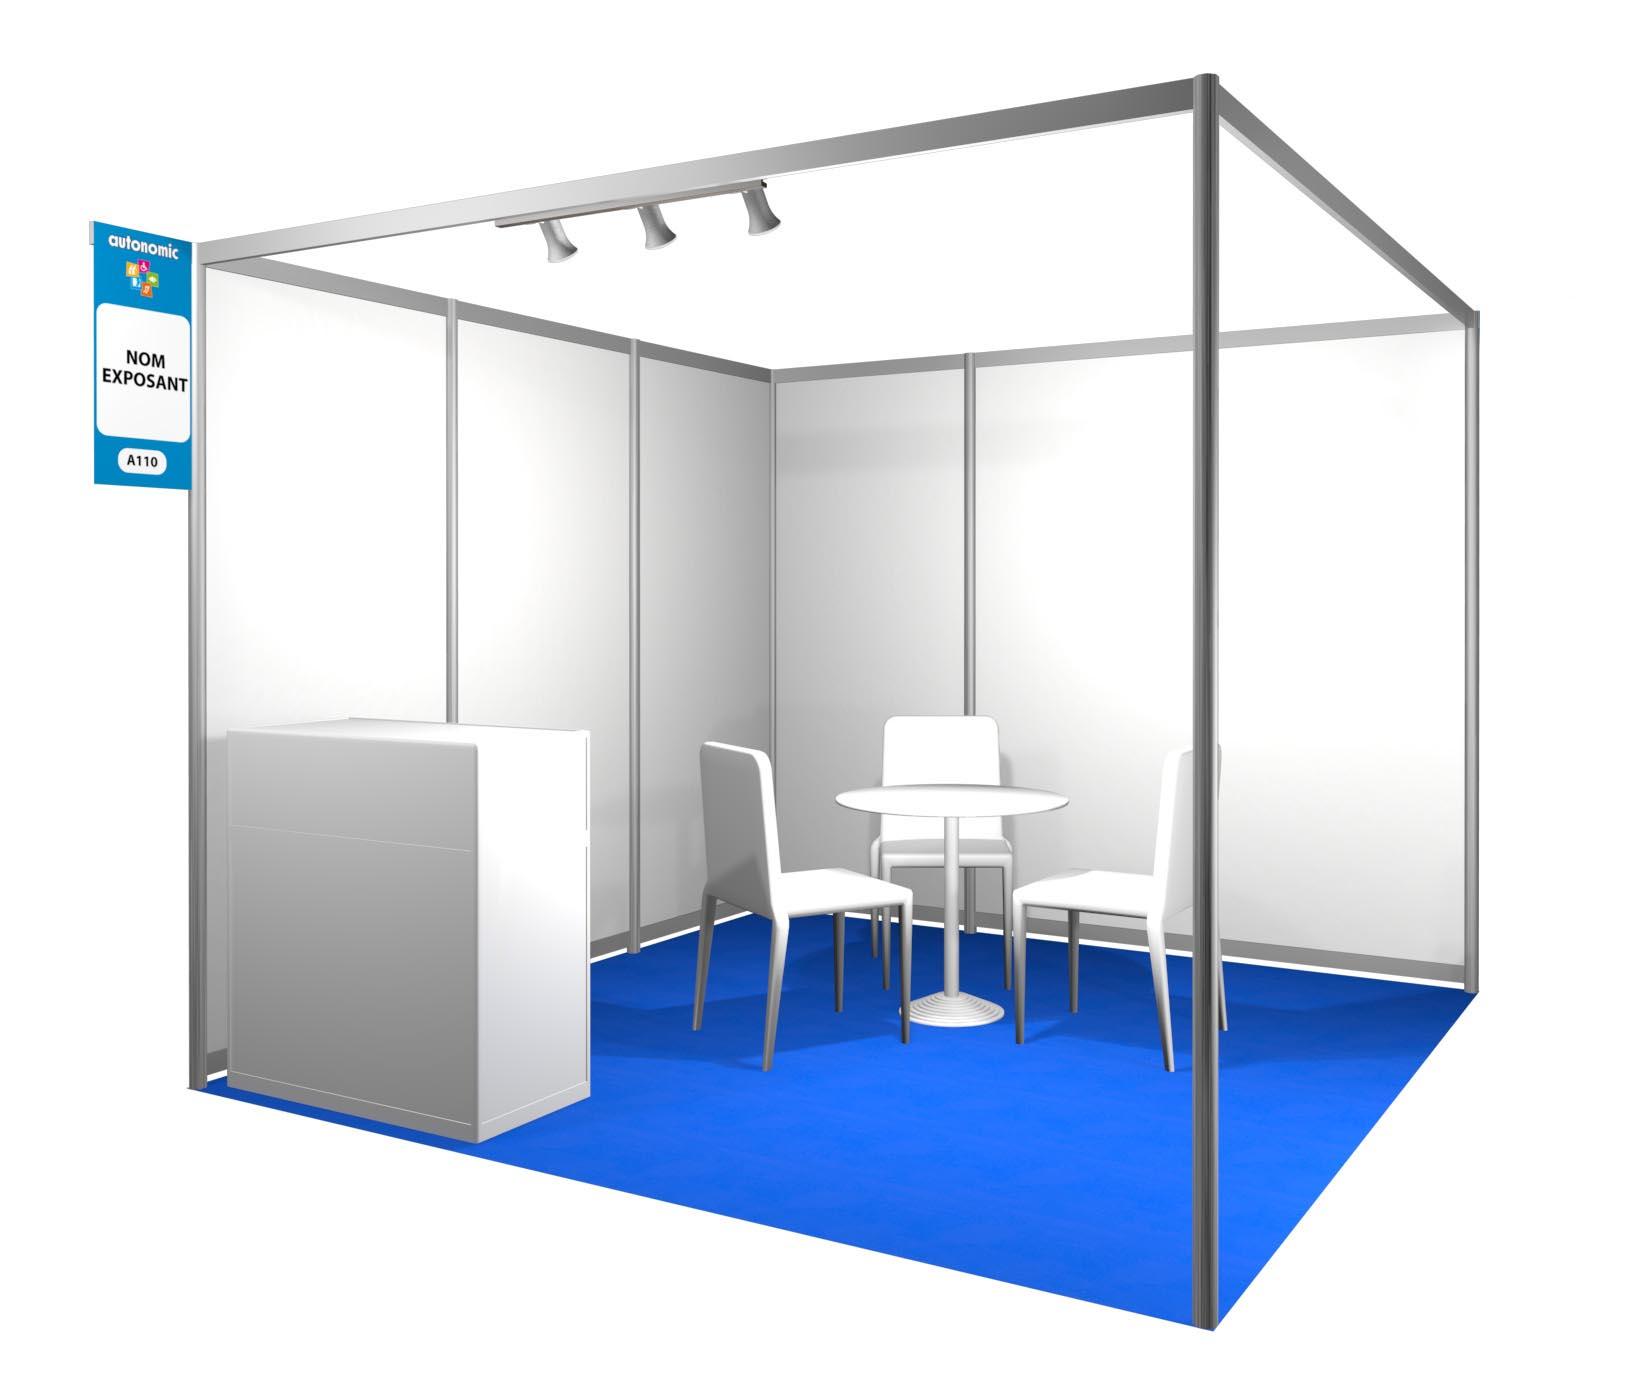 Exposer handica lyon le salon pour l 39 autonomie tous for Exemple de stand pour salon